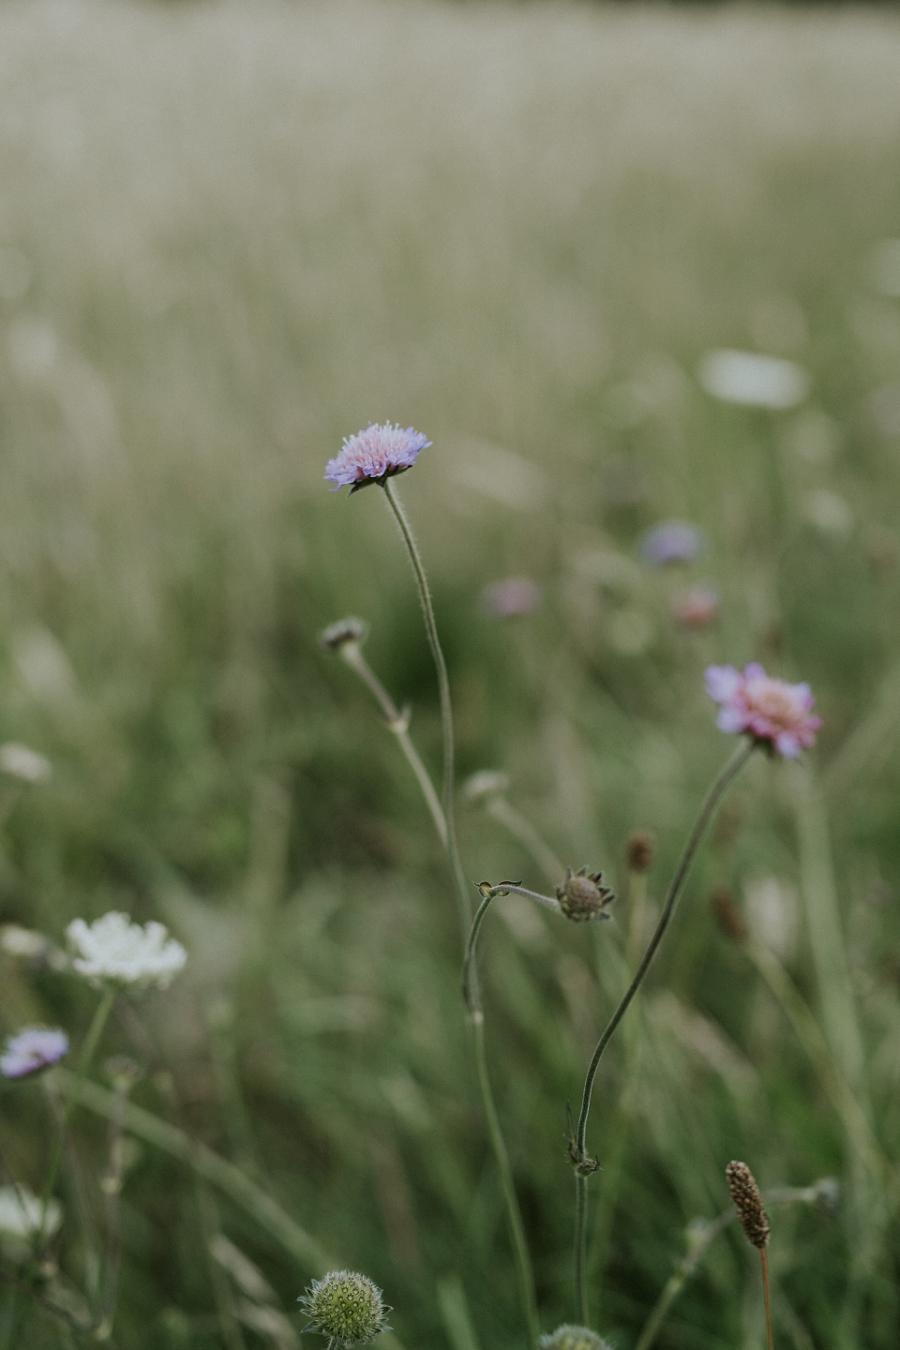 De fineste detaljer fra Camilla Jørvads besøg hos mig sidste sommer.Se mere på www.camillajorvad.com